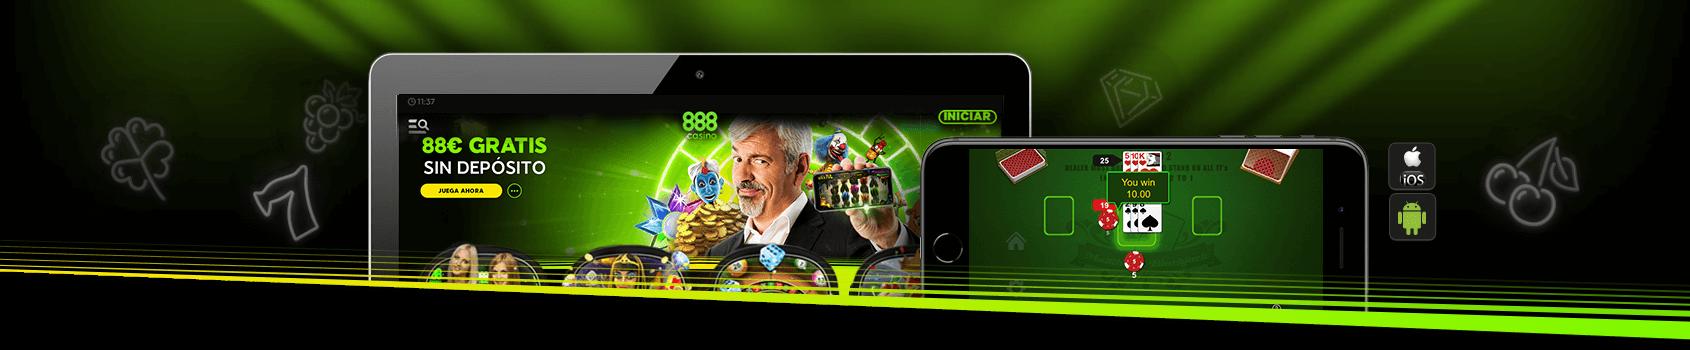 888 Casino móvil 2019